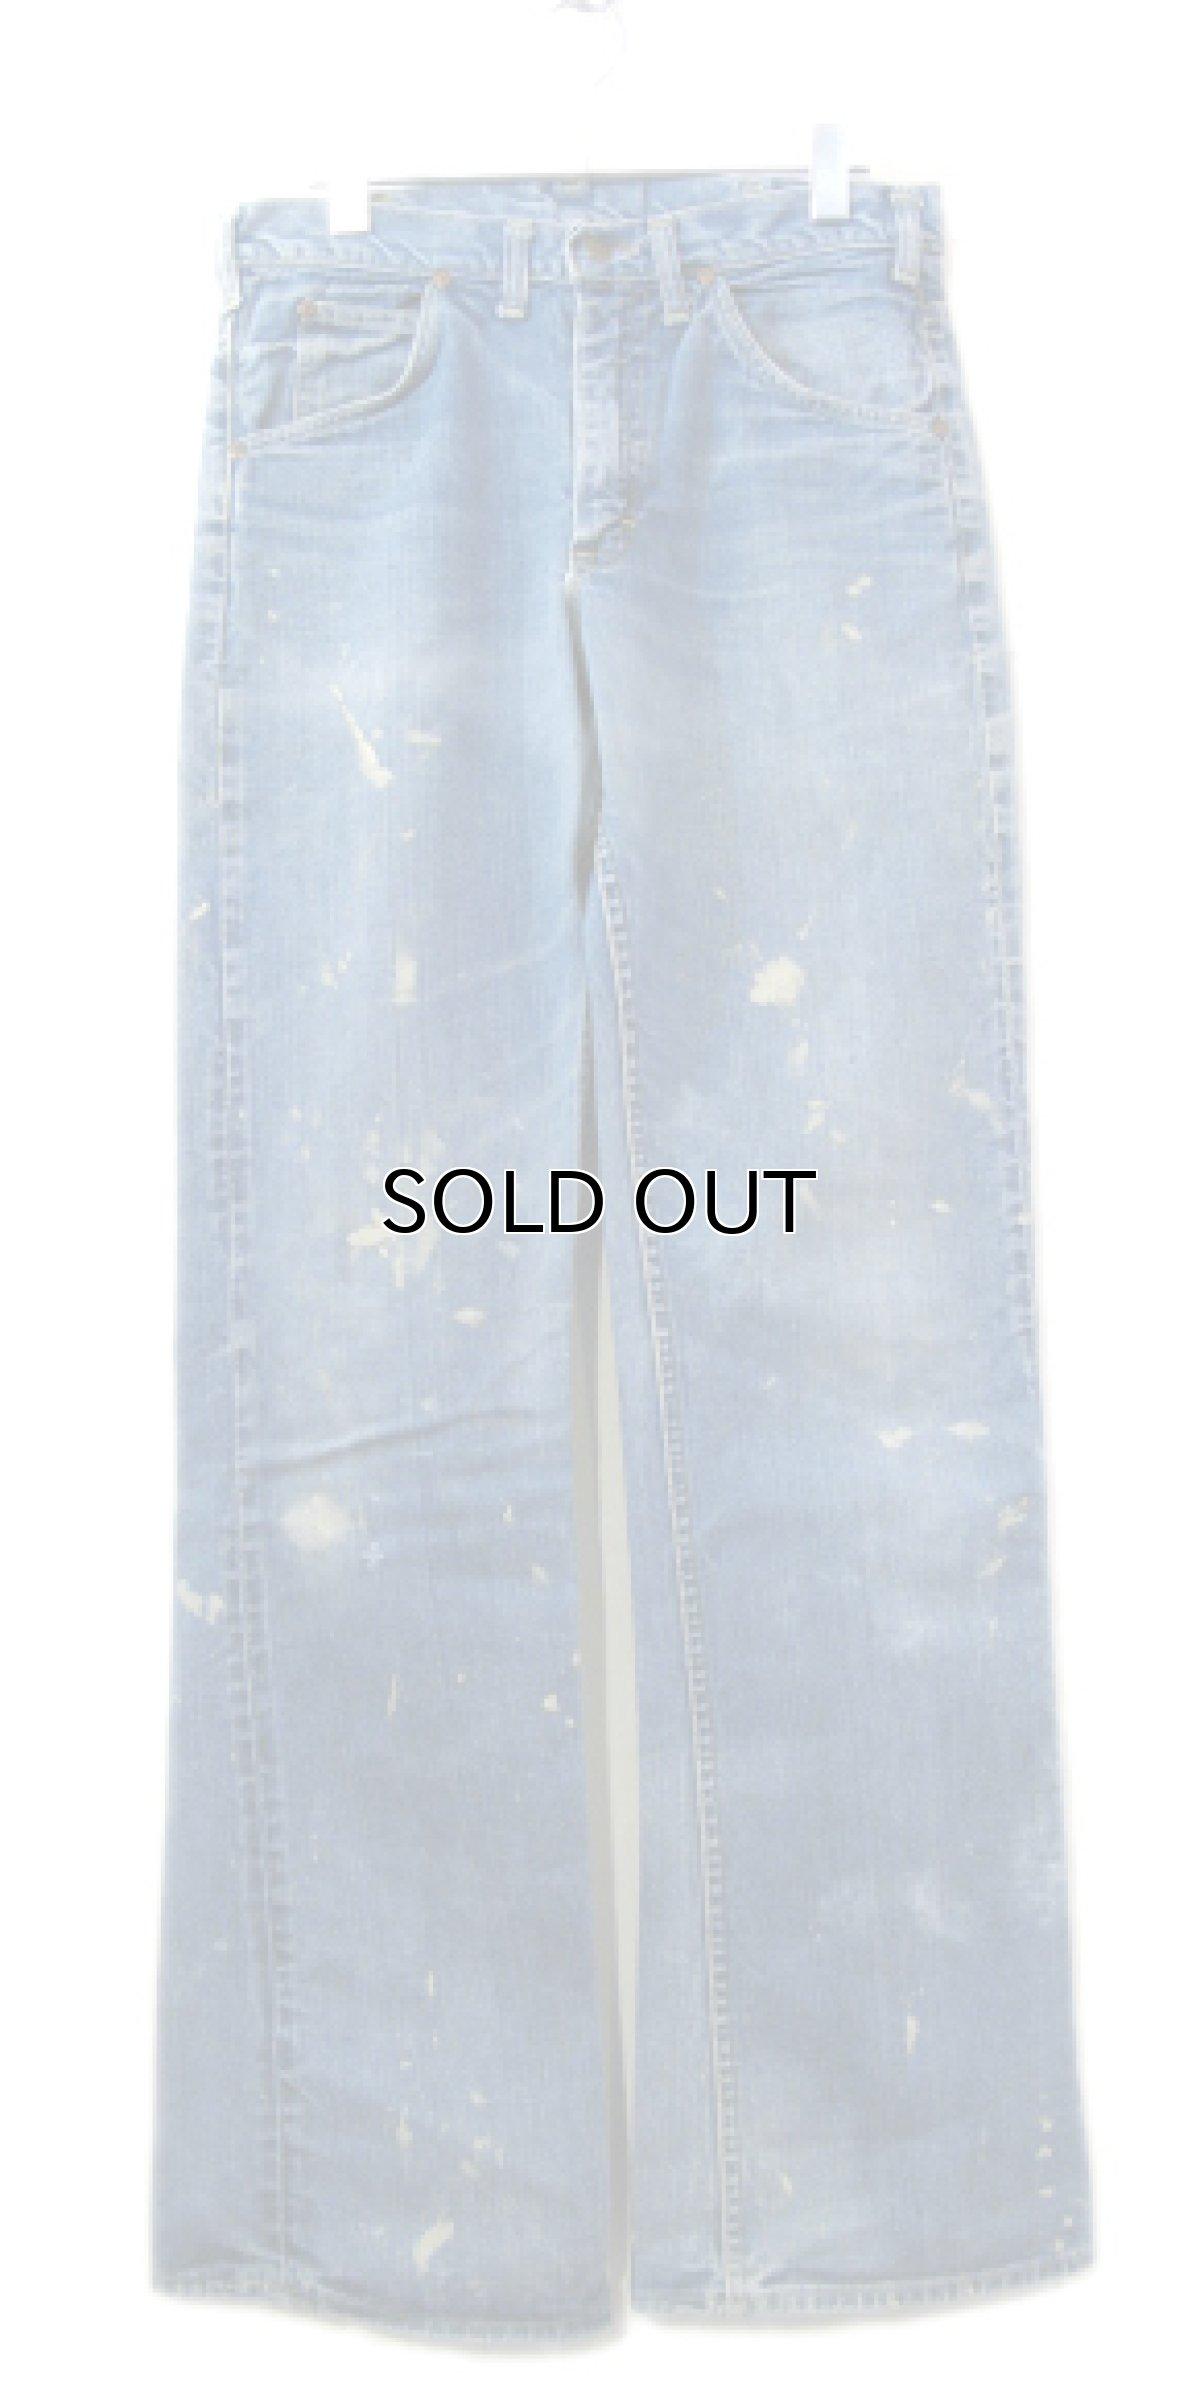 画像1: 1970's H.D.Lee Riders #200 Boots Cut Denim Pants Blue Denim size 31.5 inch (表記 不明) (1)